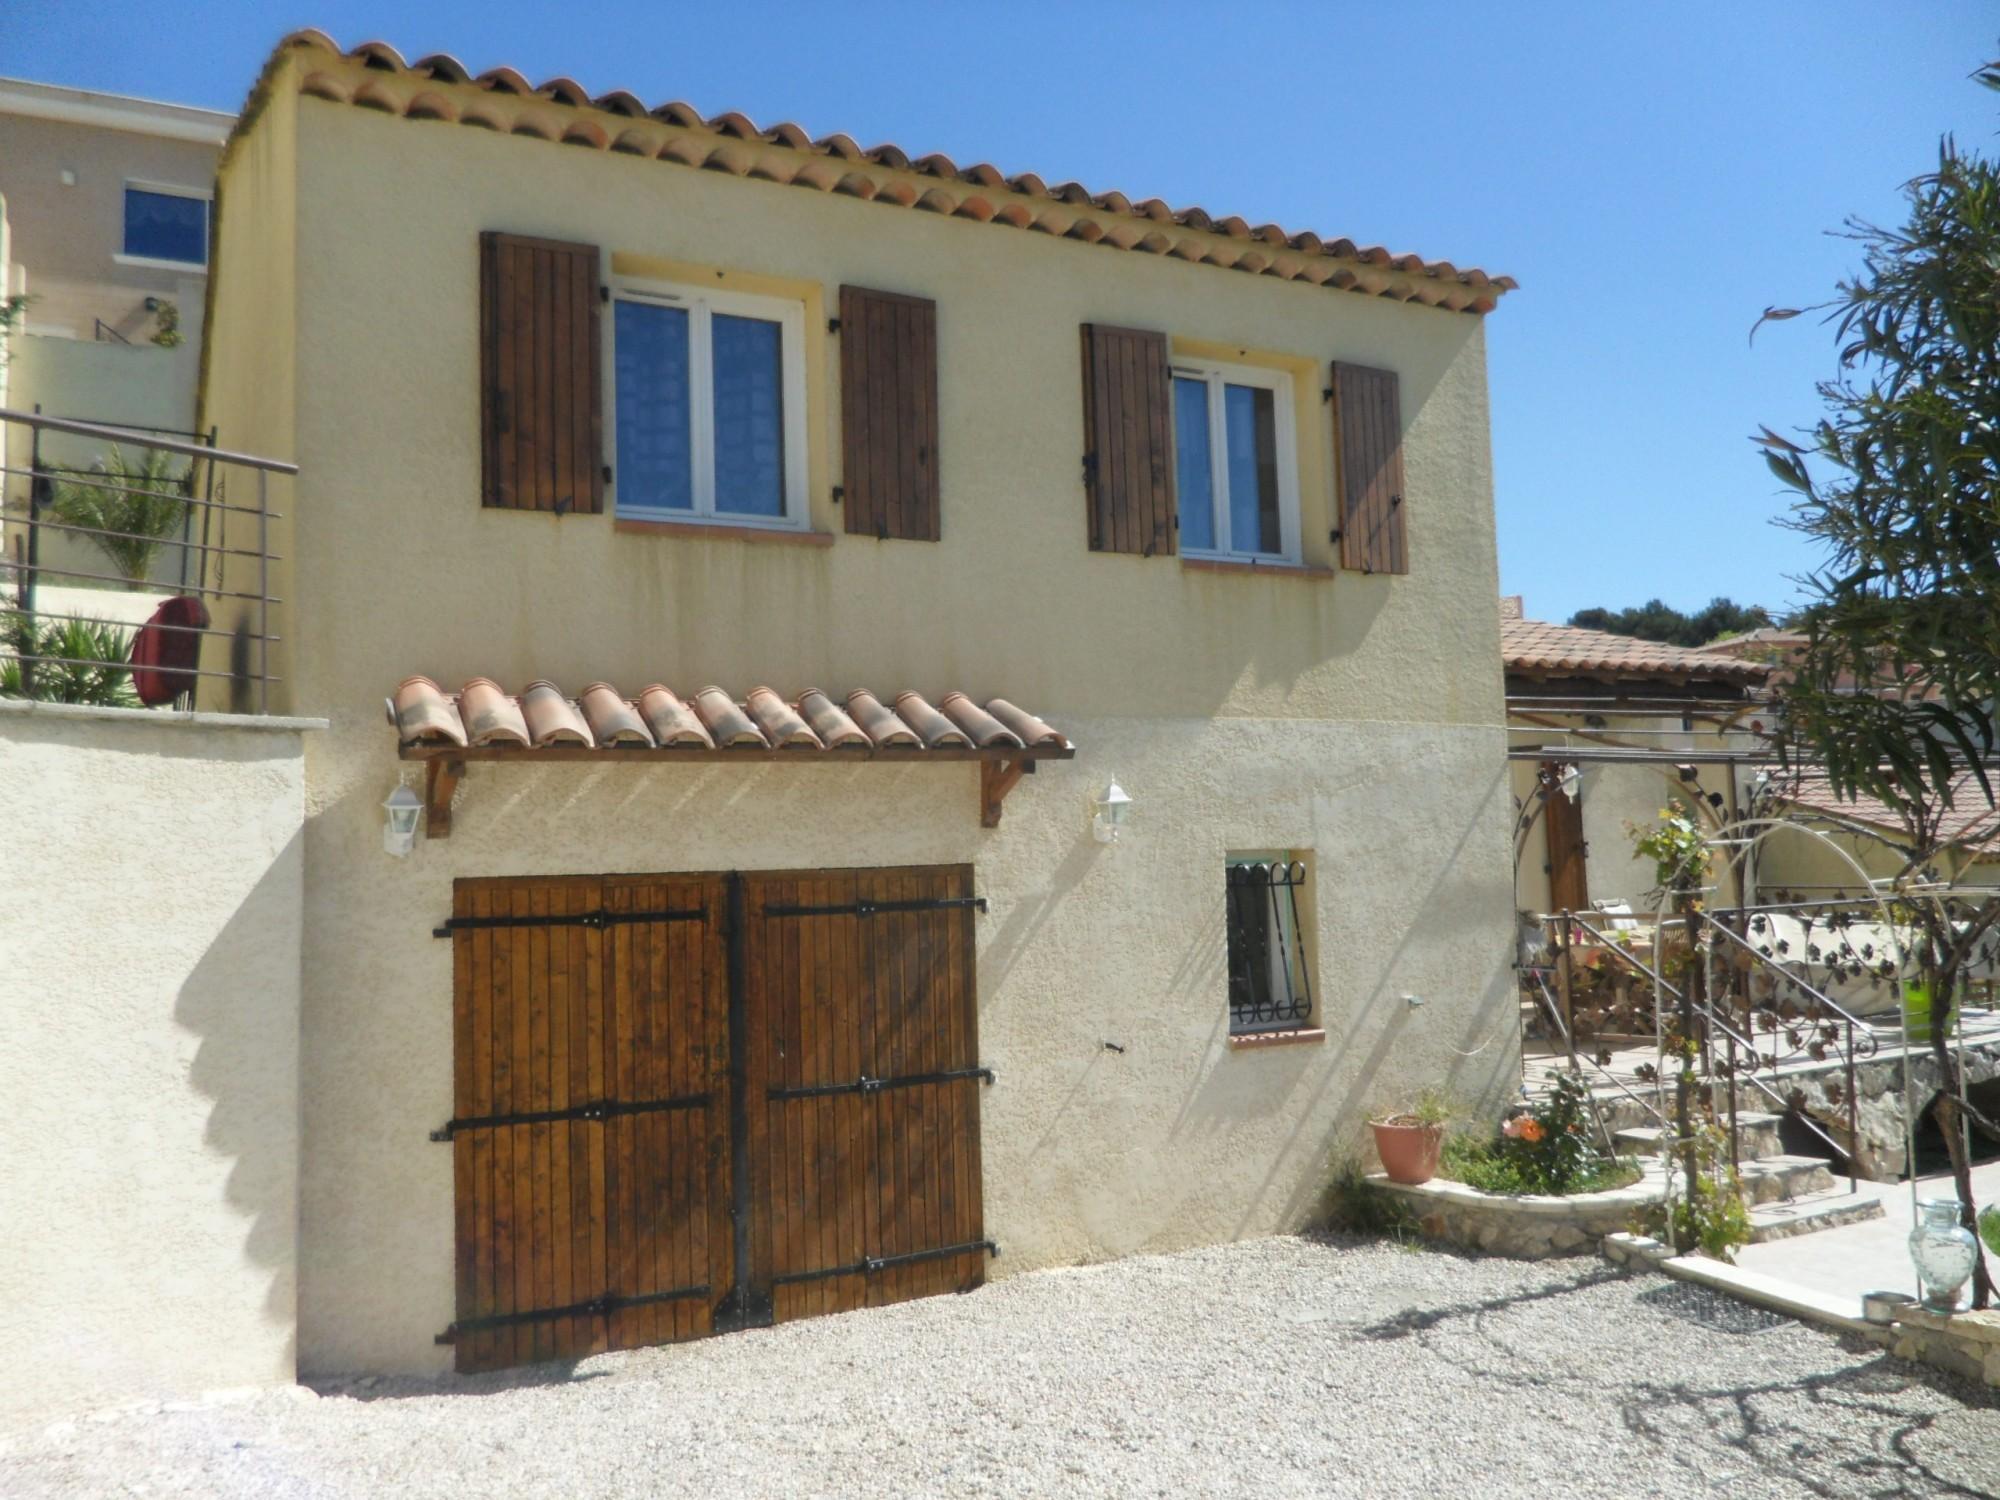 Vente de maison en rez de jardin Les Pennes-Mirabeau 13170 ...